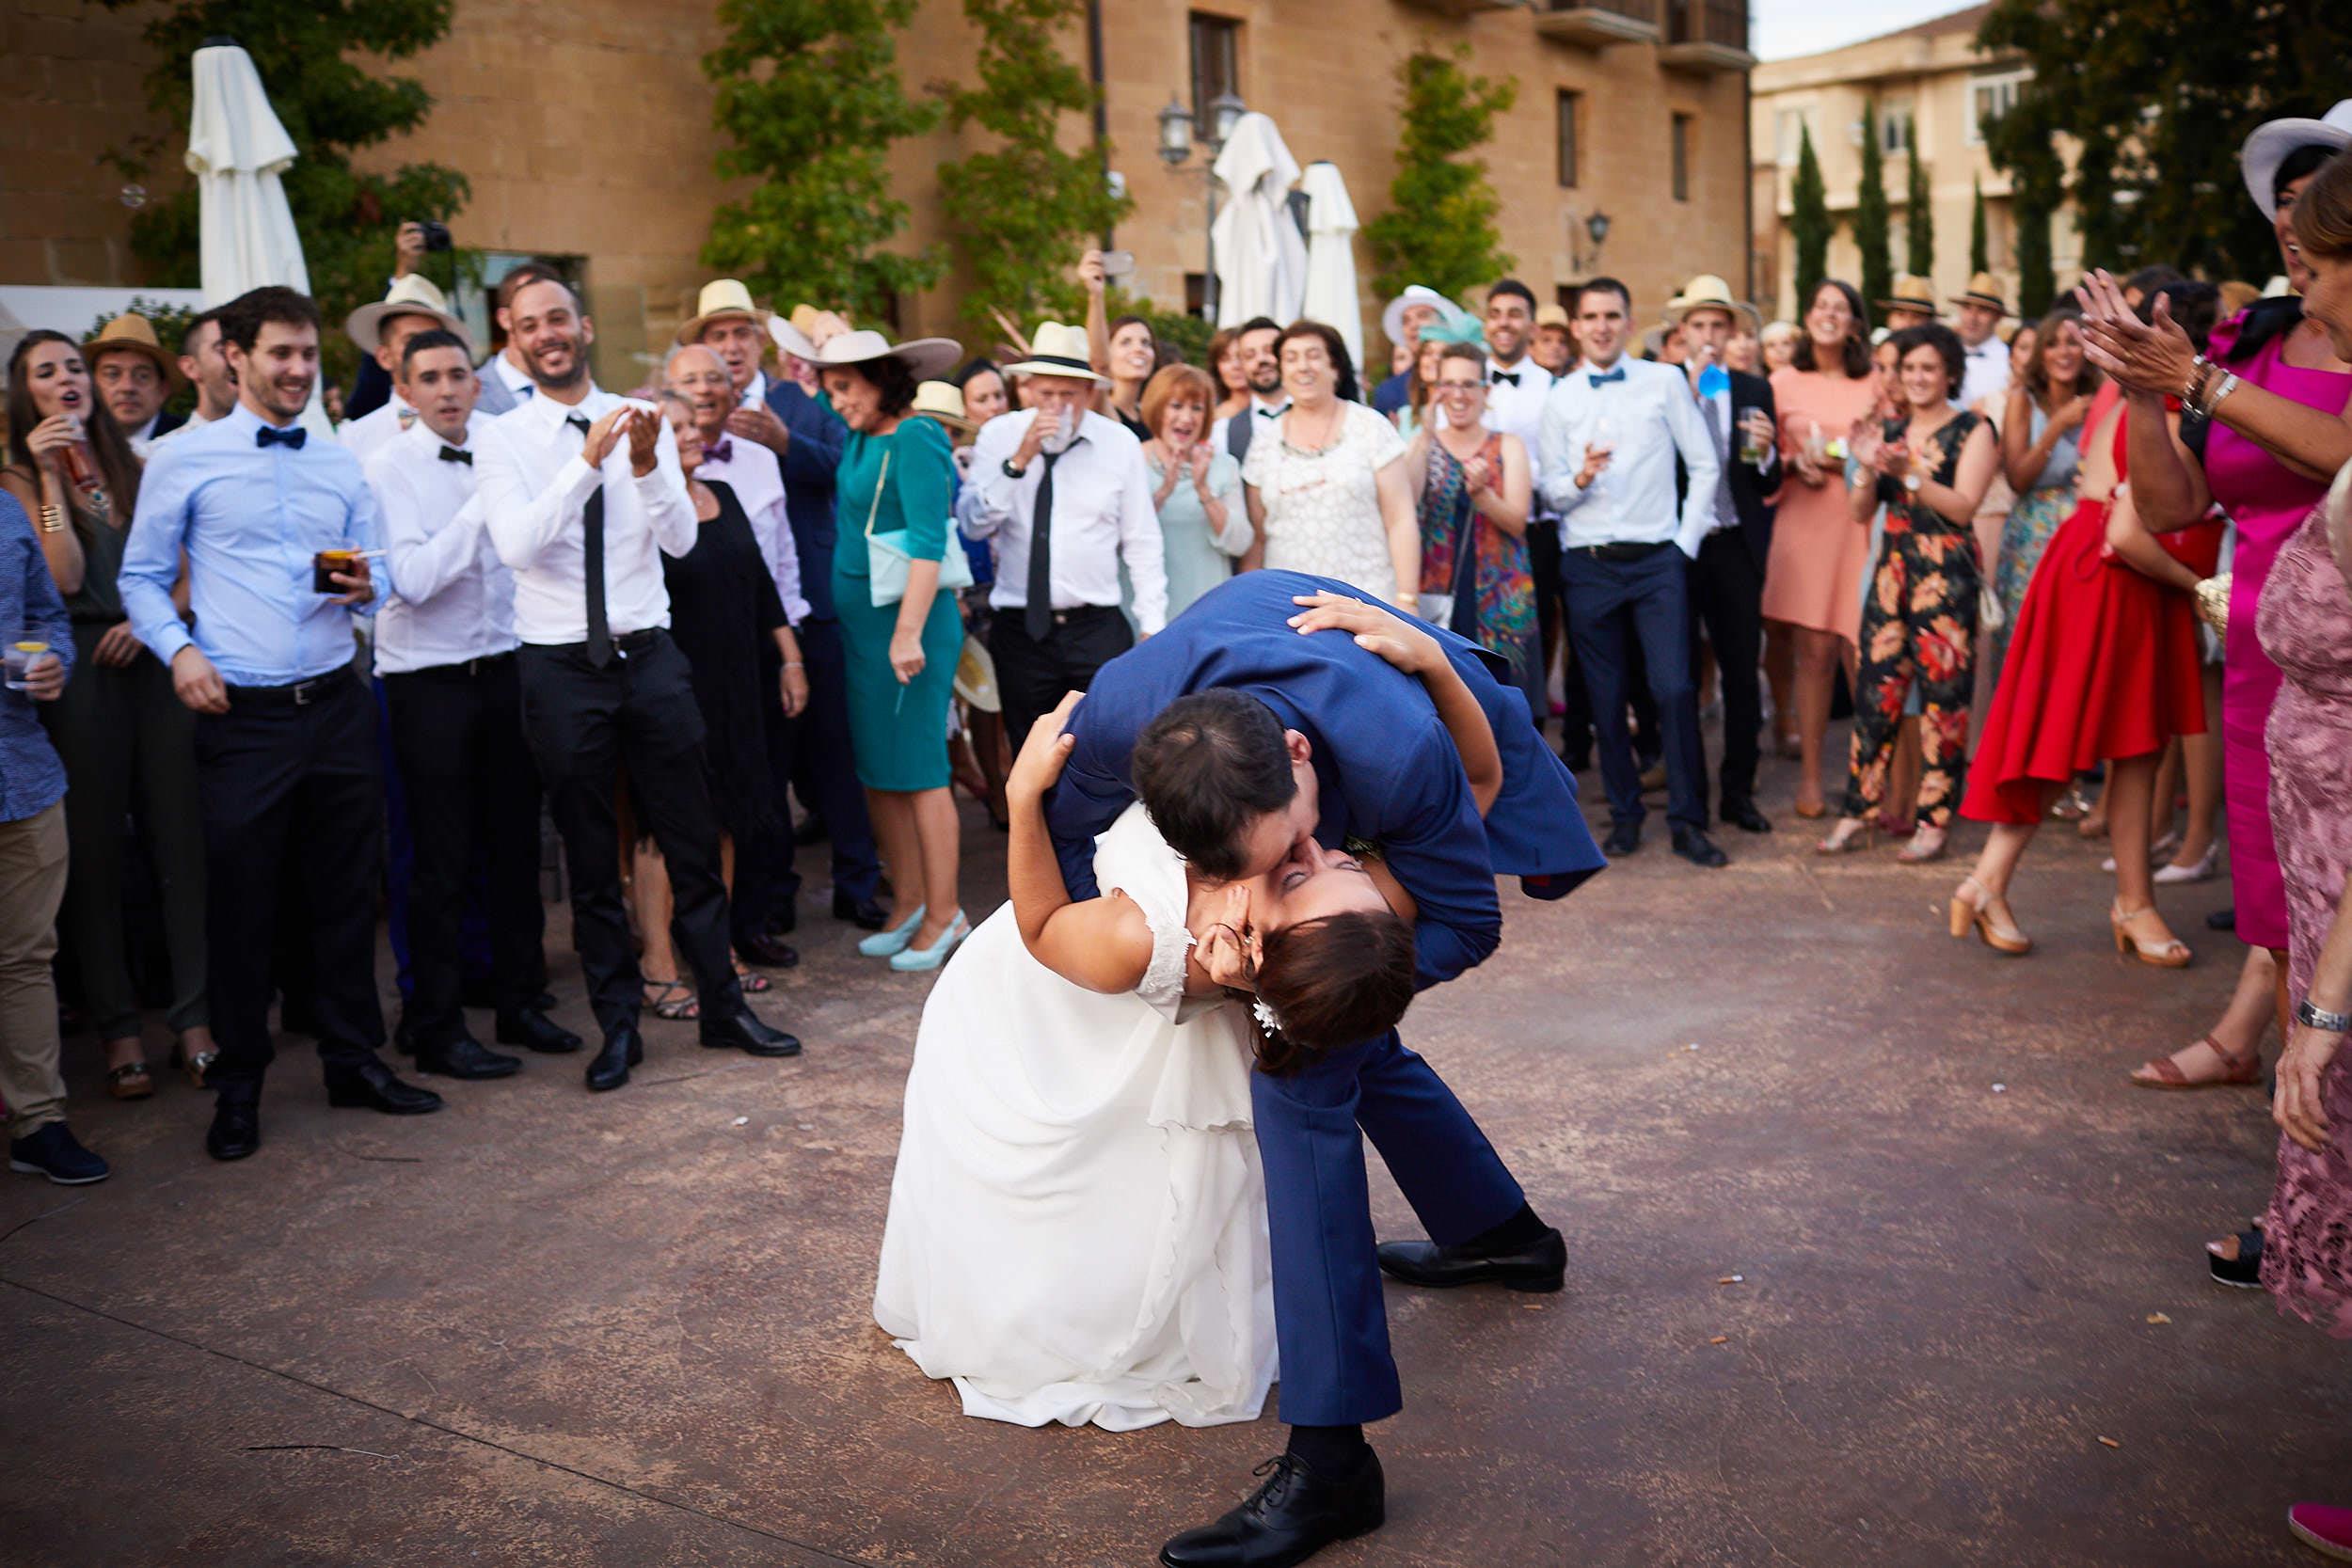 Fotógrafo de boda con estilo documental y fotoperiodismo en La Rioja Palacio Casafuerte Zarraton La Rioja Spain James Sturcke Photographer sturcke.org_00034.jpg